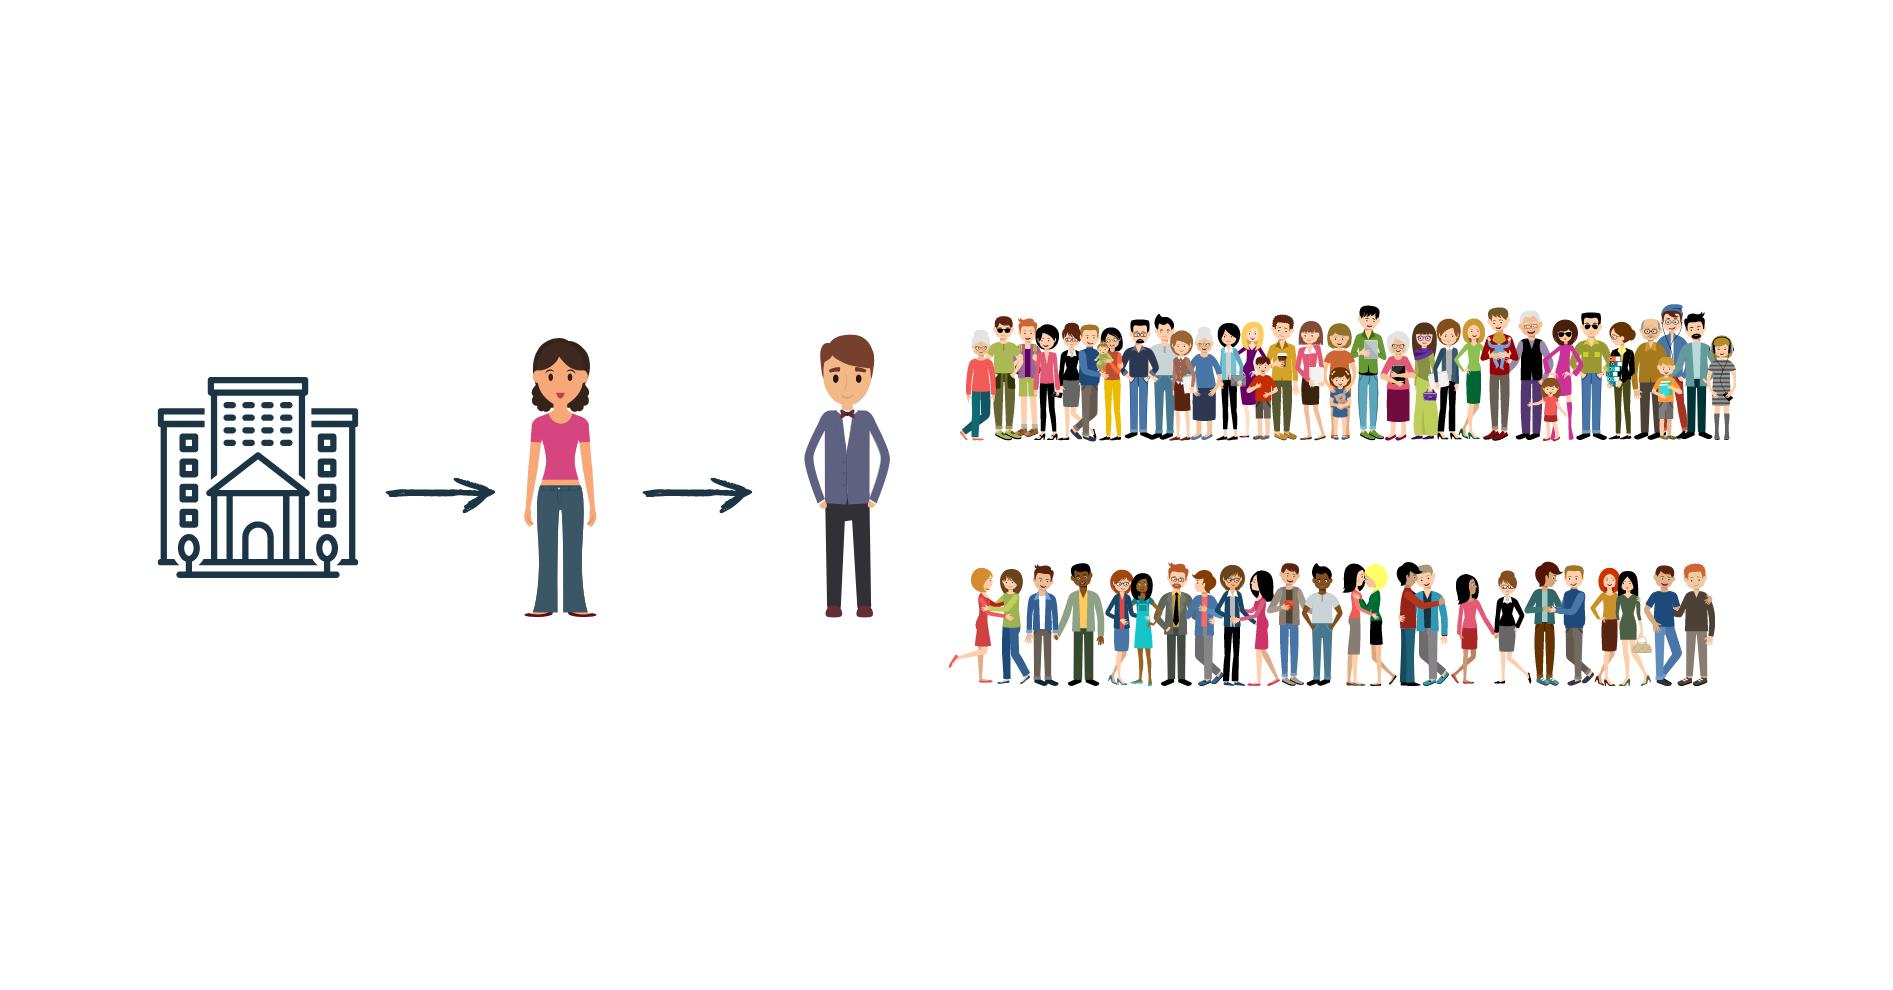 Mercado primario y secundario. ¿que son y en que se diferencian?